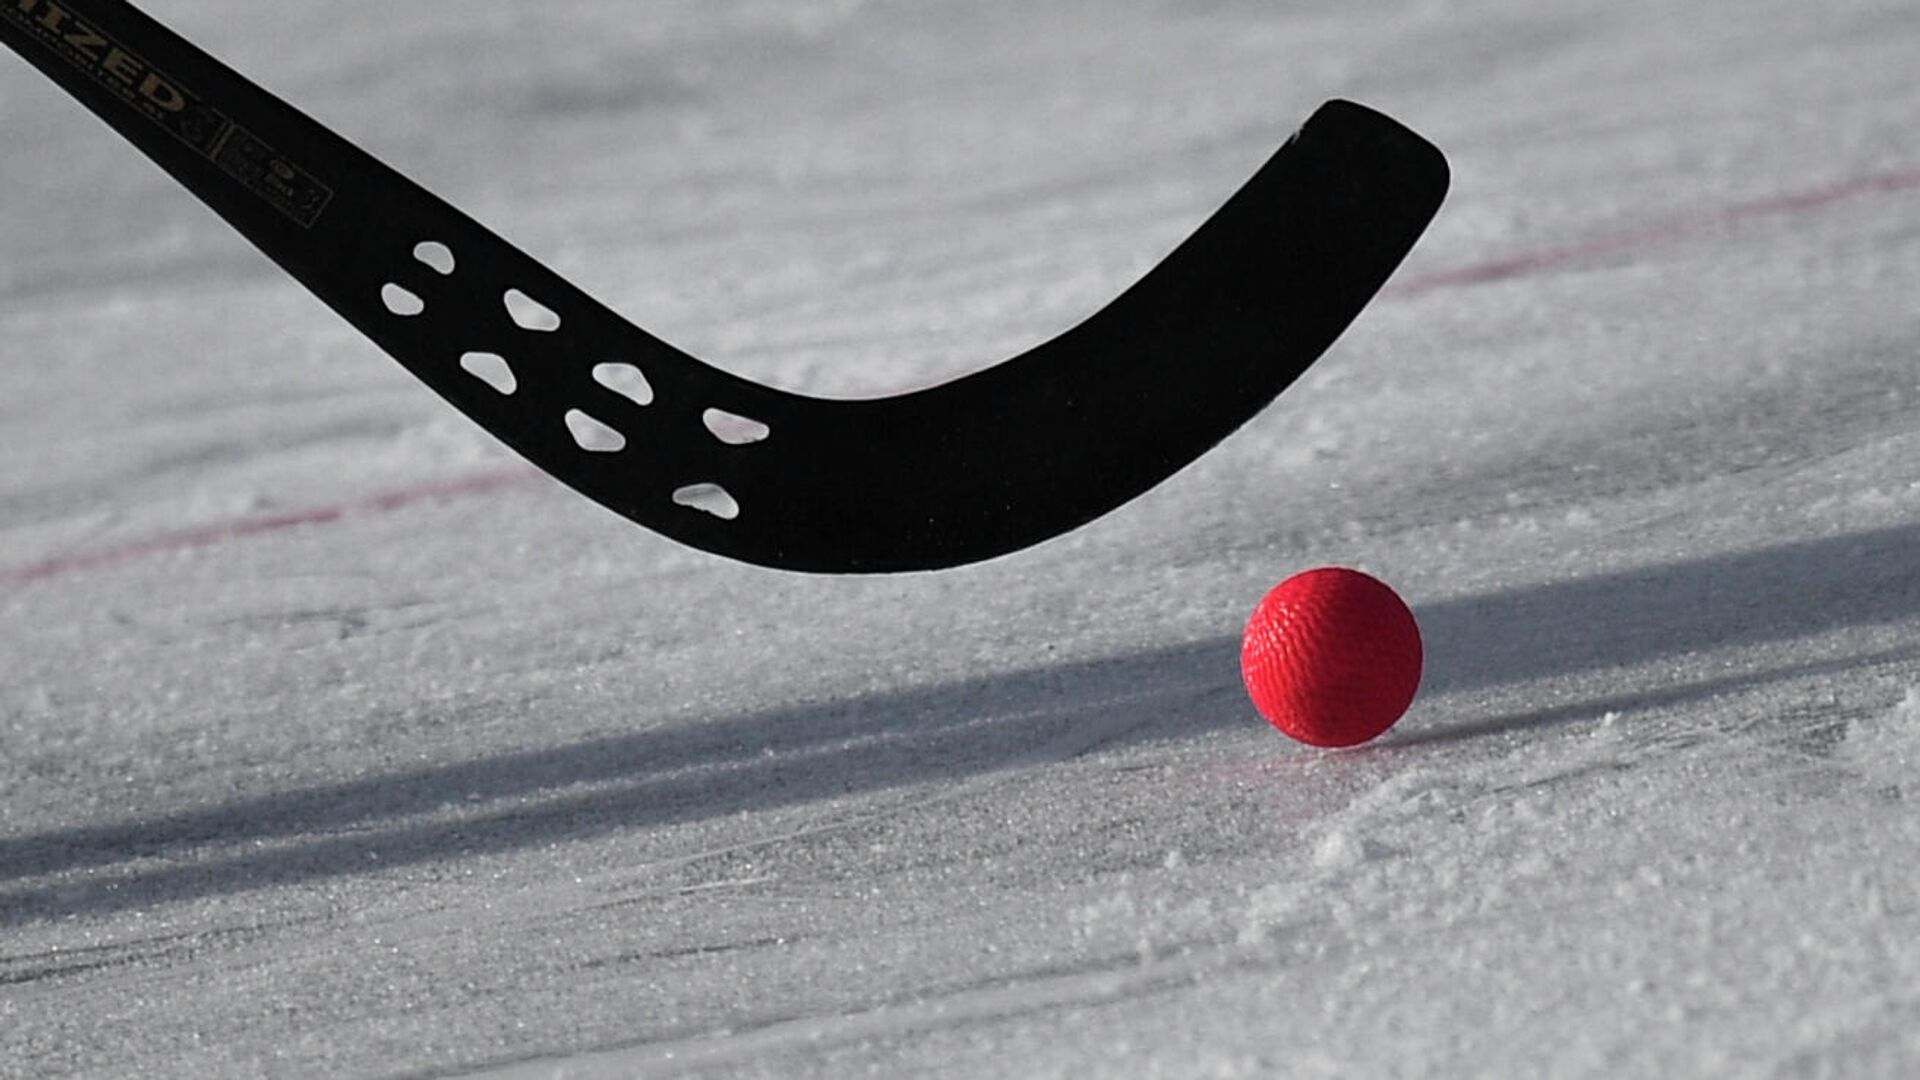 Хоккей с мячом - РИА Новости, 1920, 06.04.2021